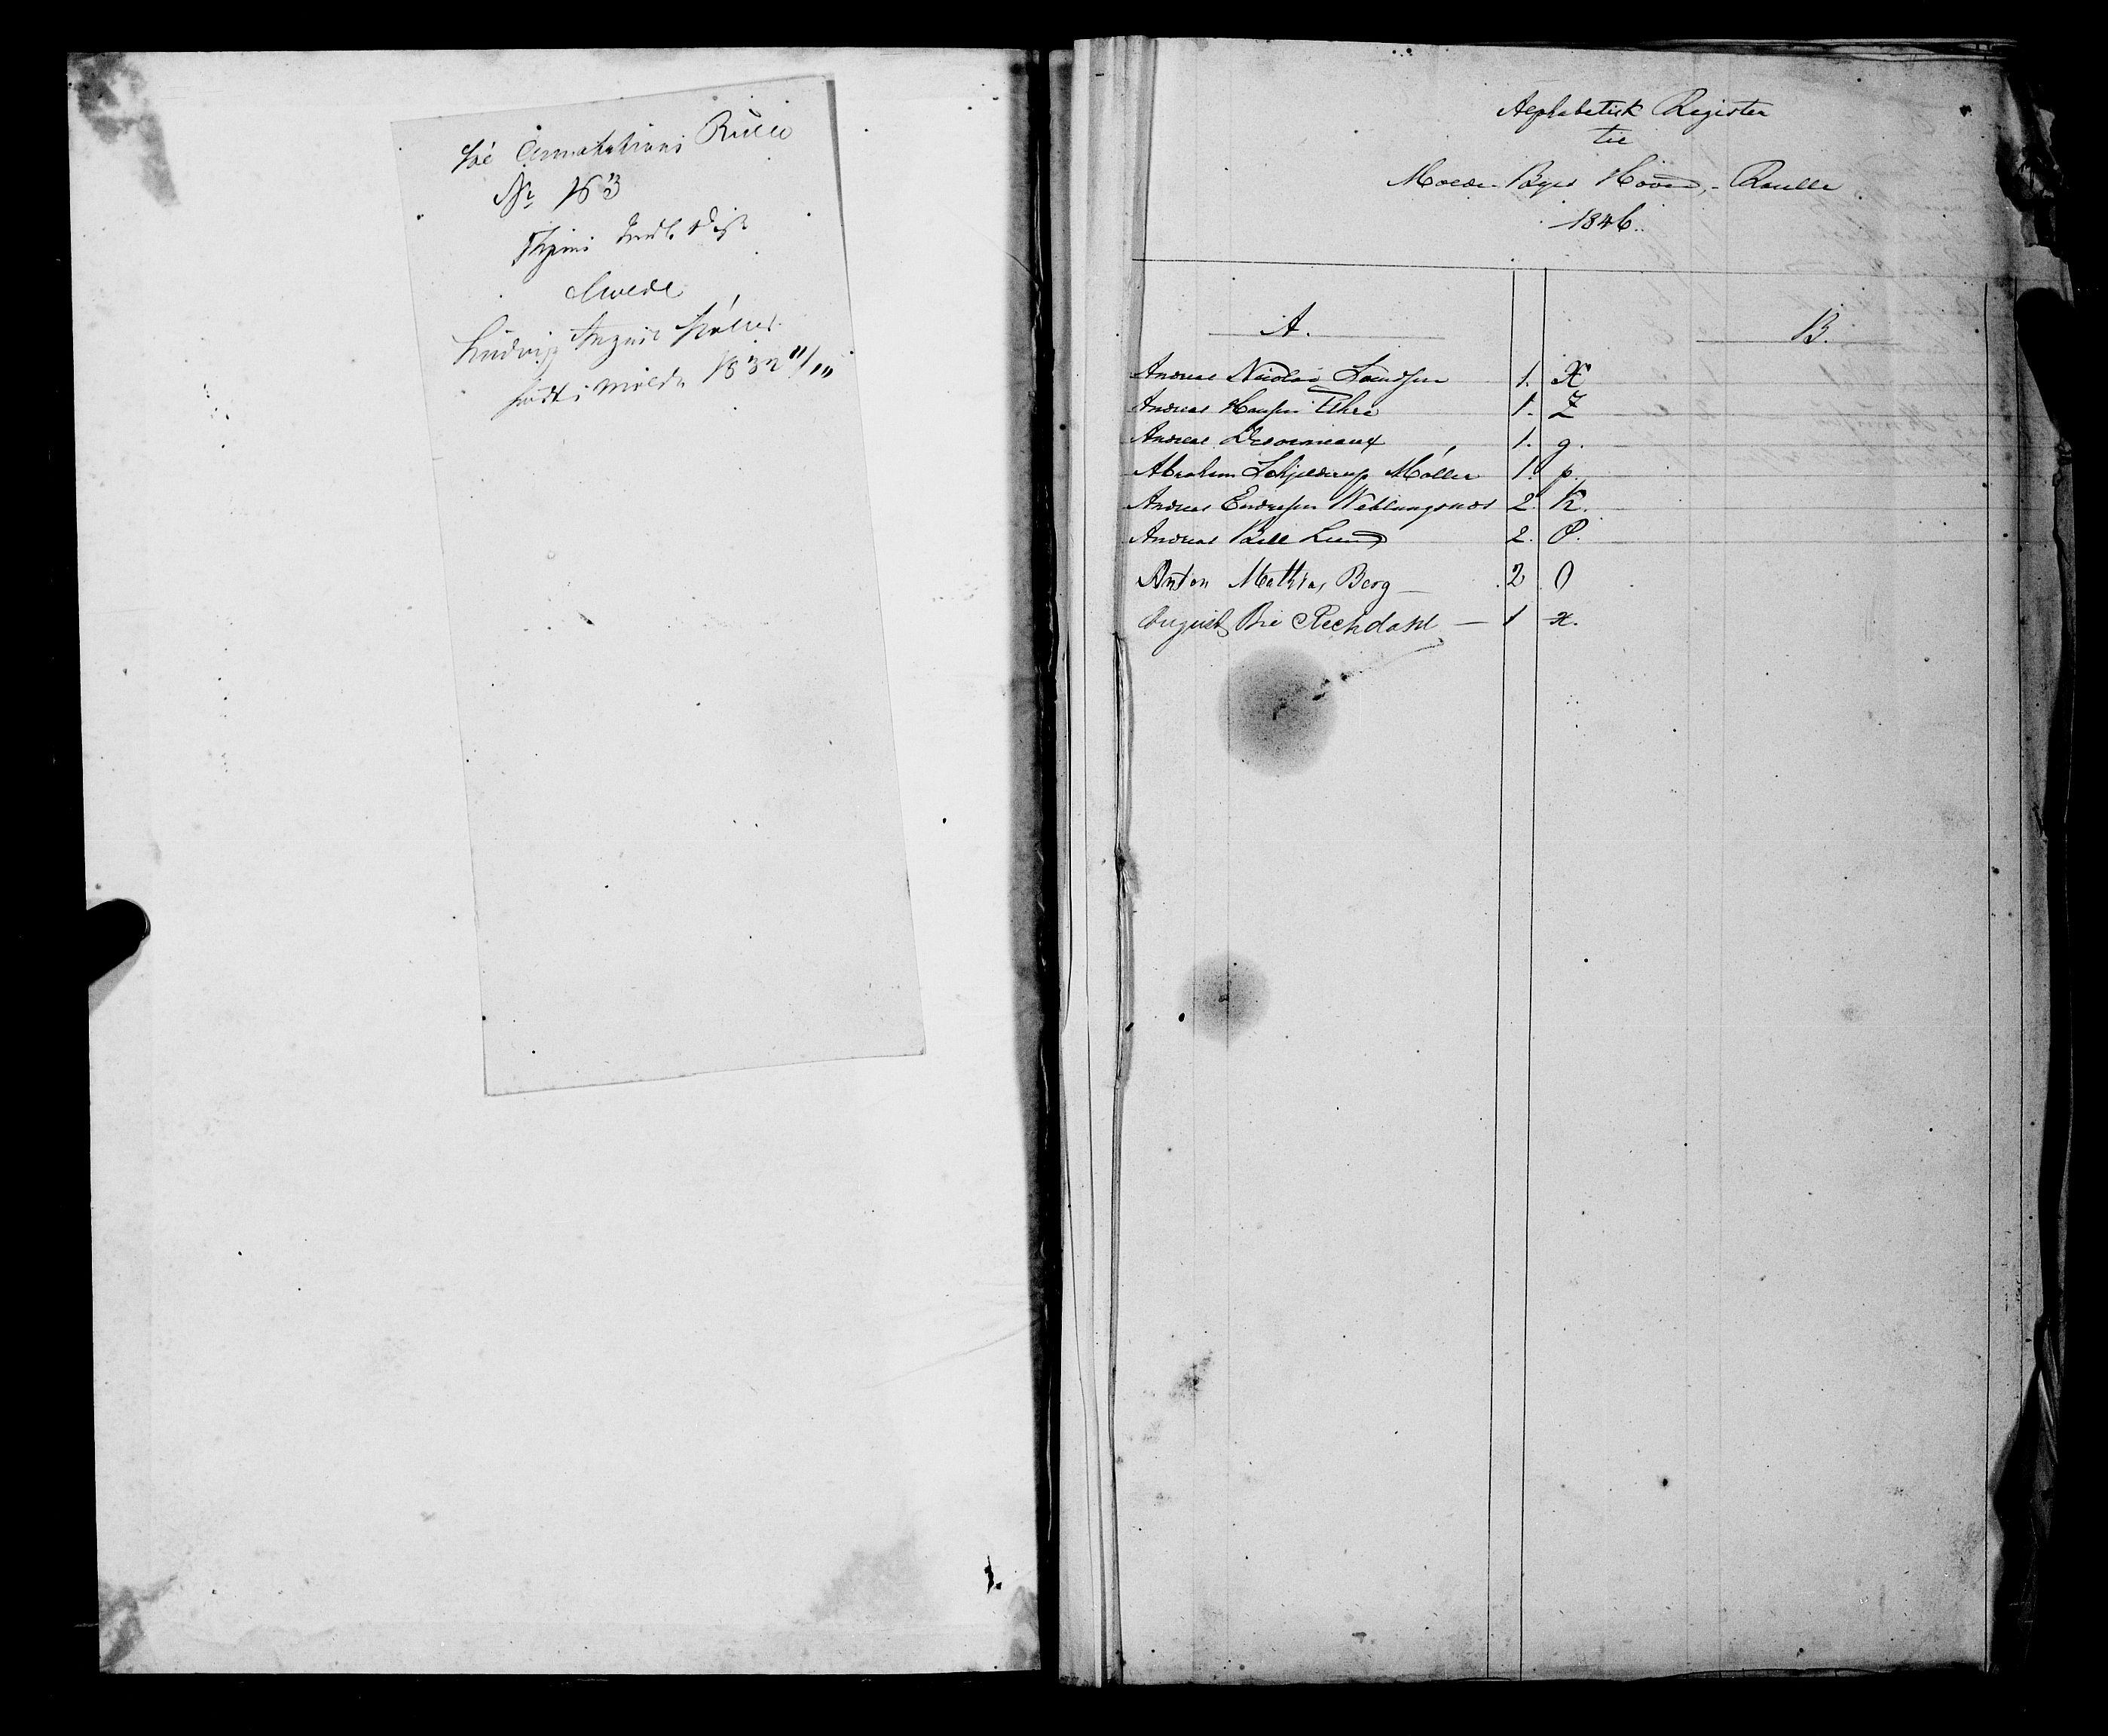 SAT, Sjøinnrulleringen - Trondhjemske distrikt, 01/L0309: --, 1846